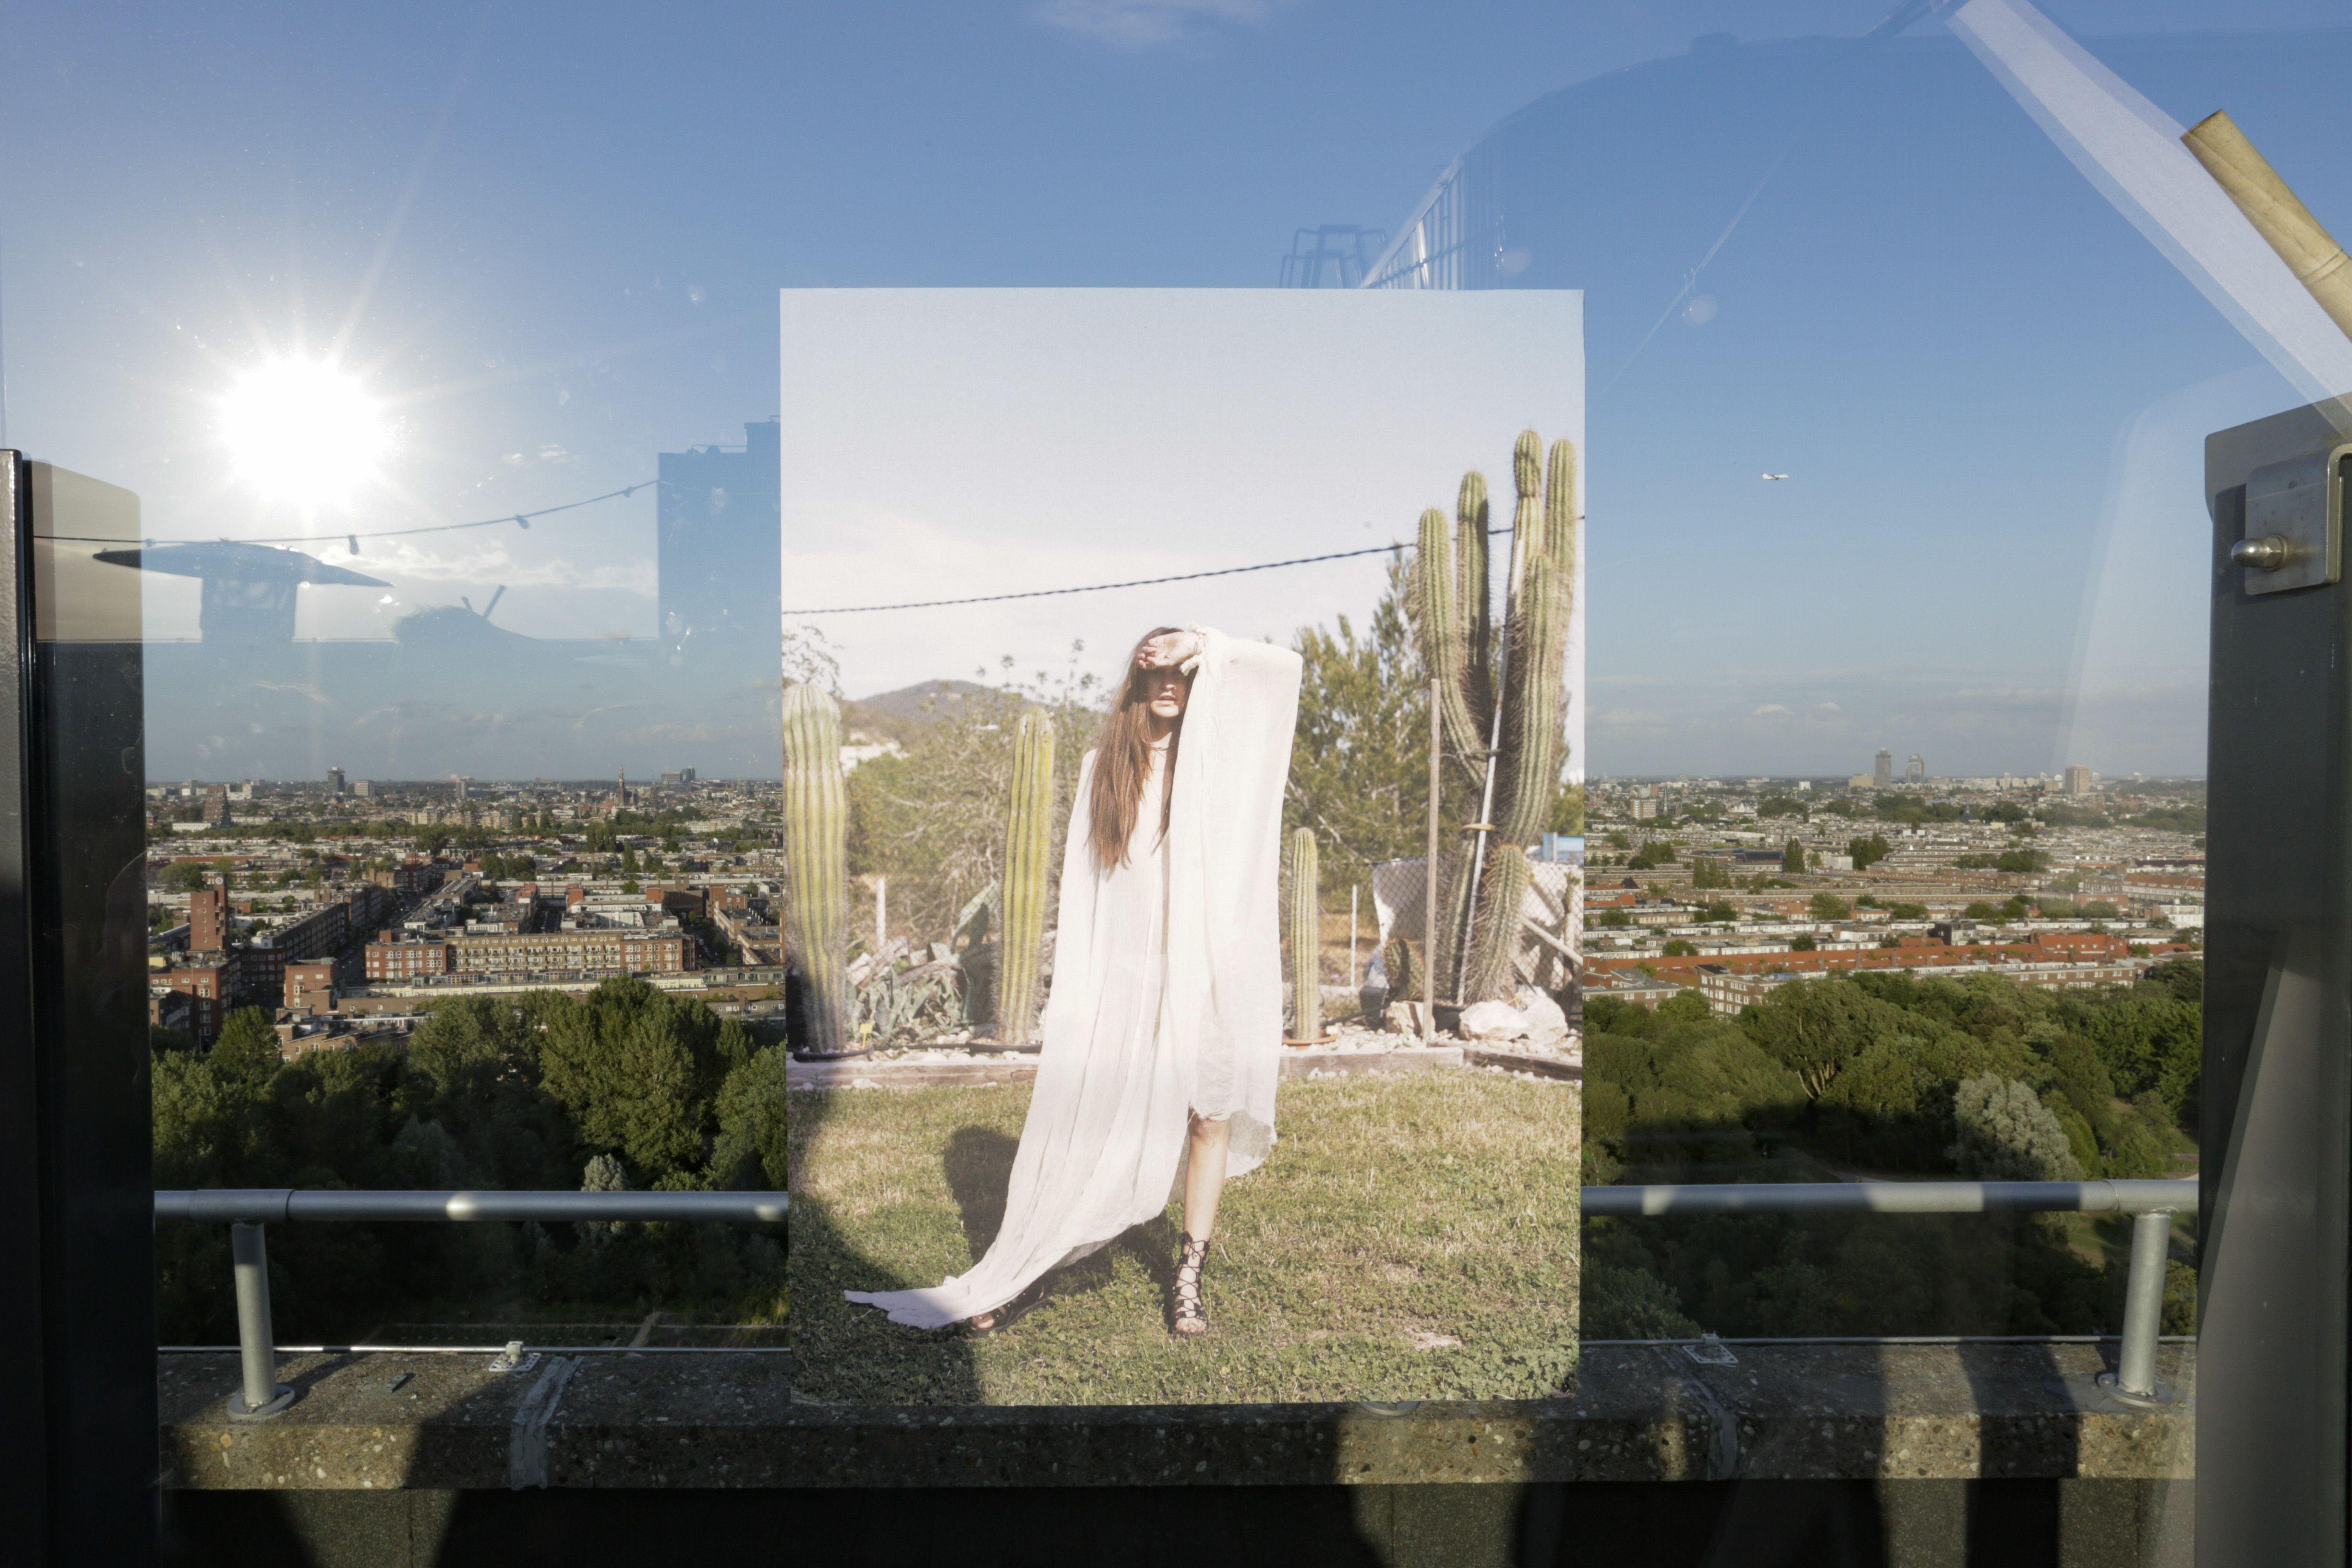 Zalando presents 10 Days Downtown, A view on fashion @Floor17 #zalandodowntown #MBFWA